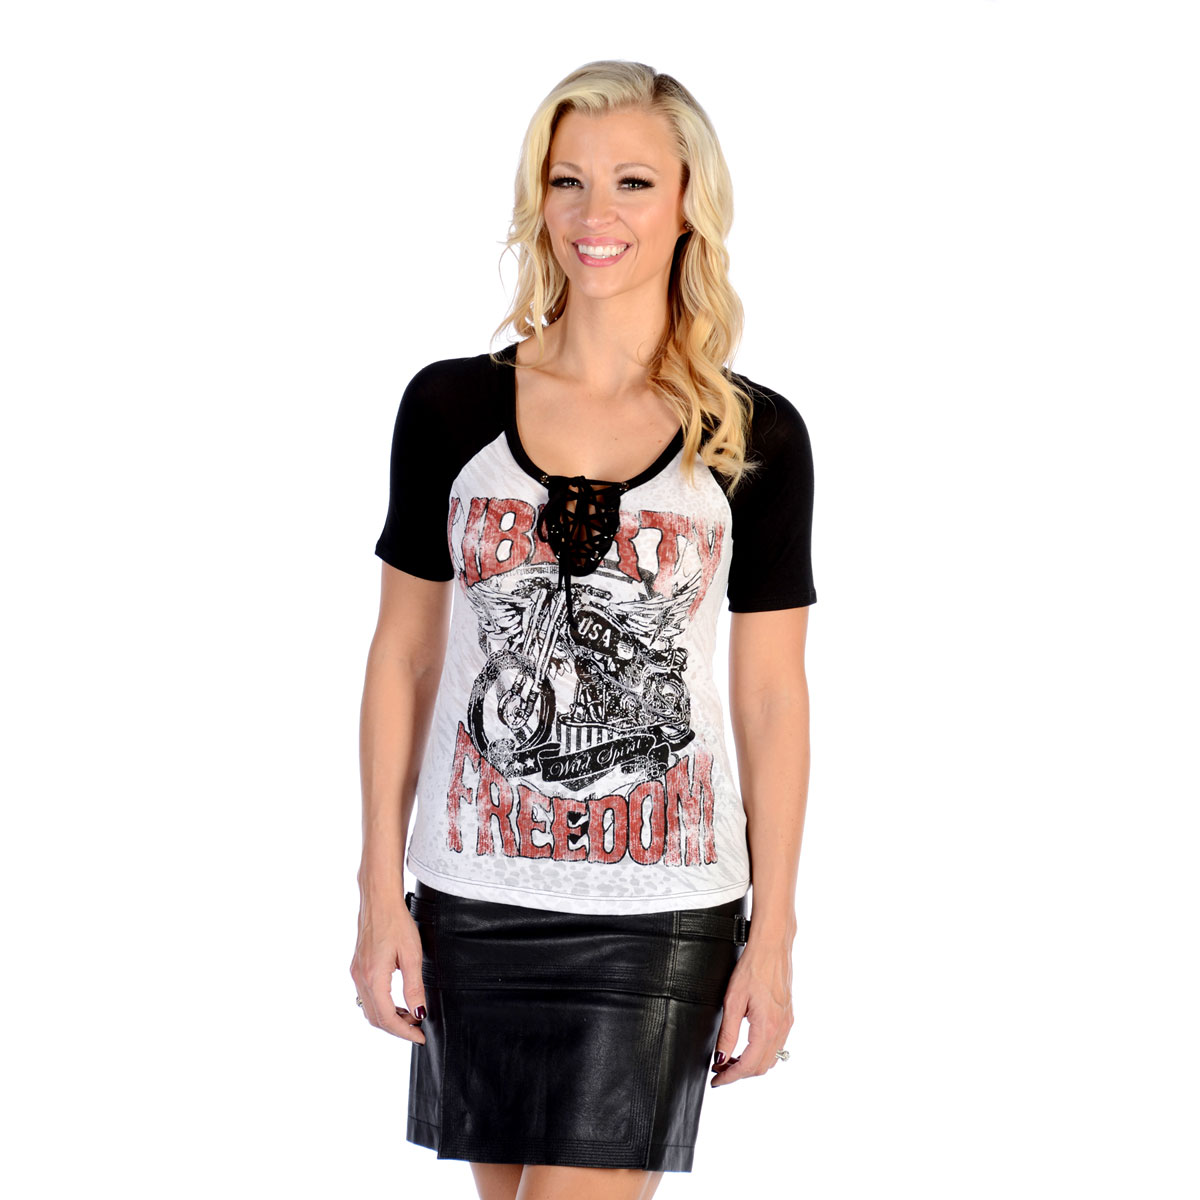 Liberty Wear Women's Liberty & Freedom White/Black Raglan Top